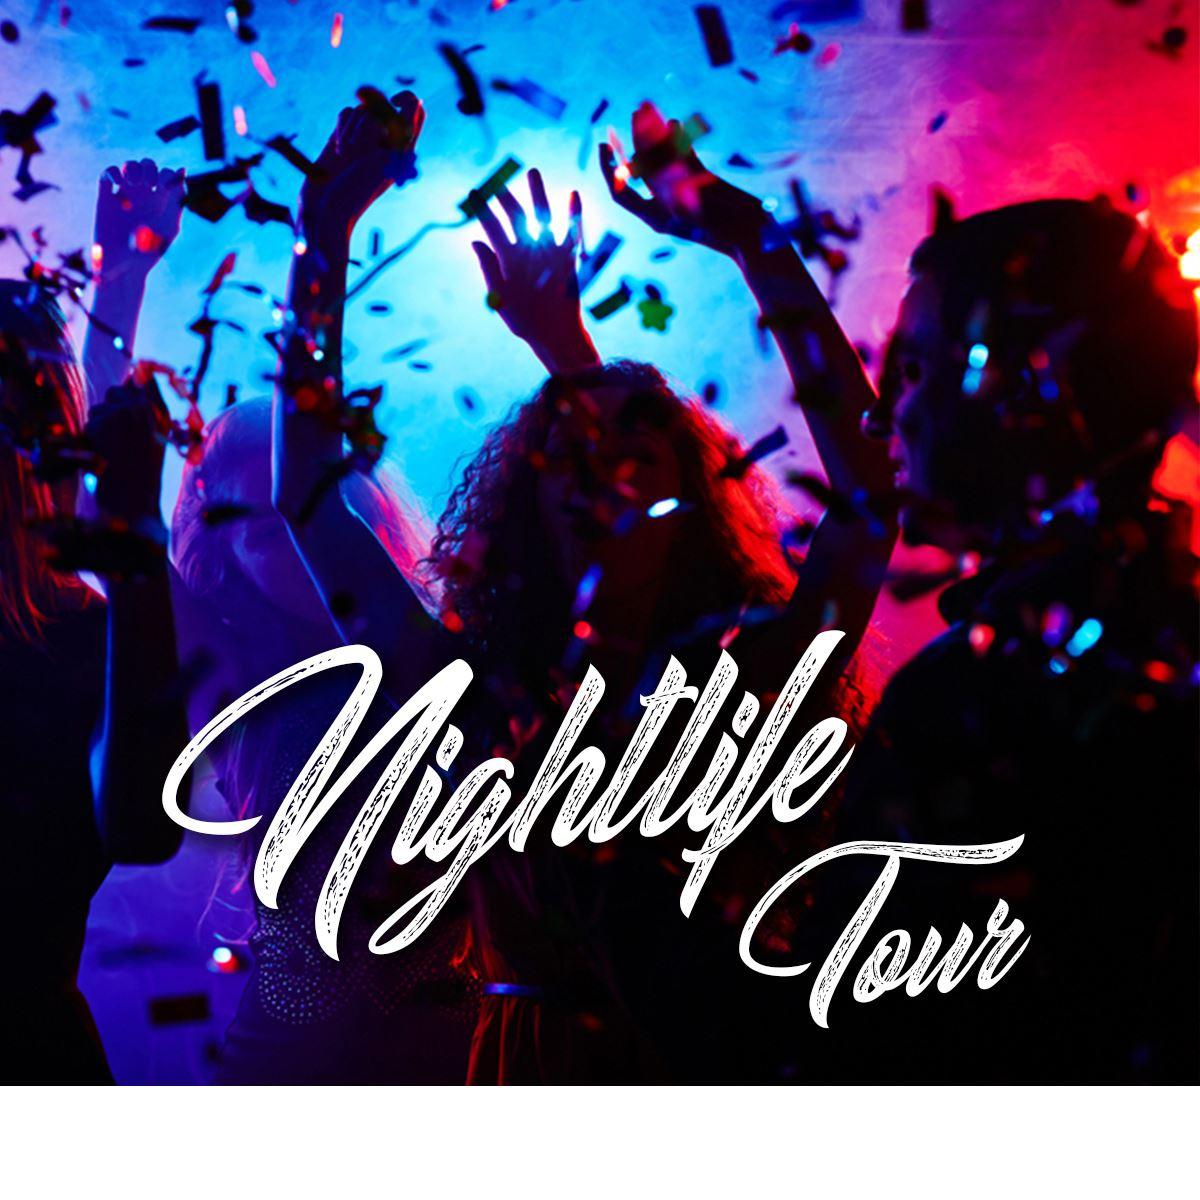 McAllen Nightlife Tour